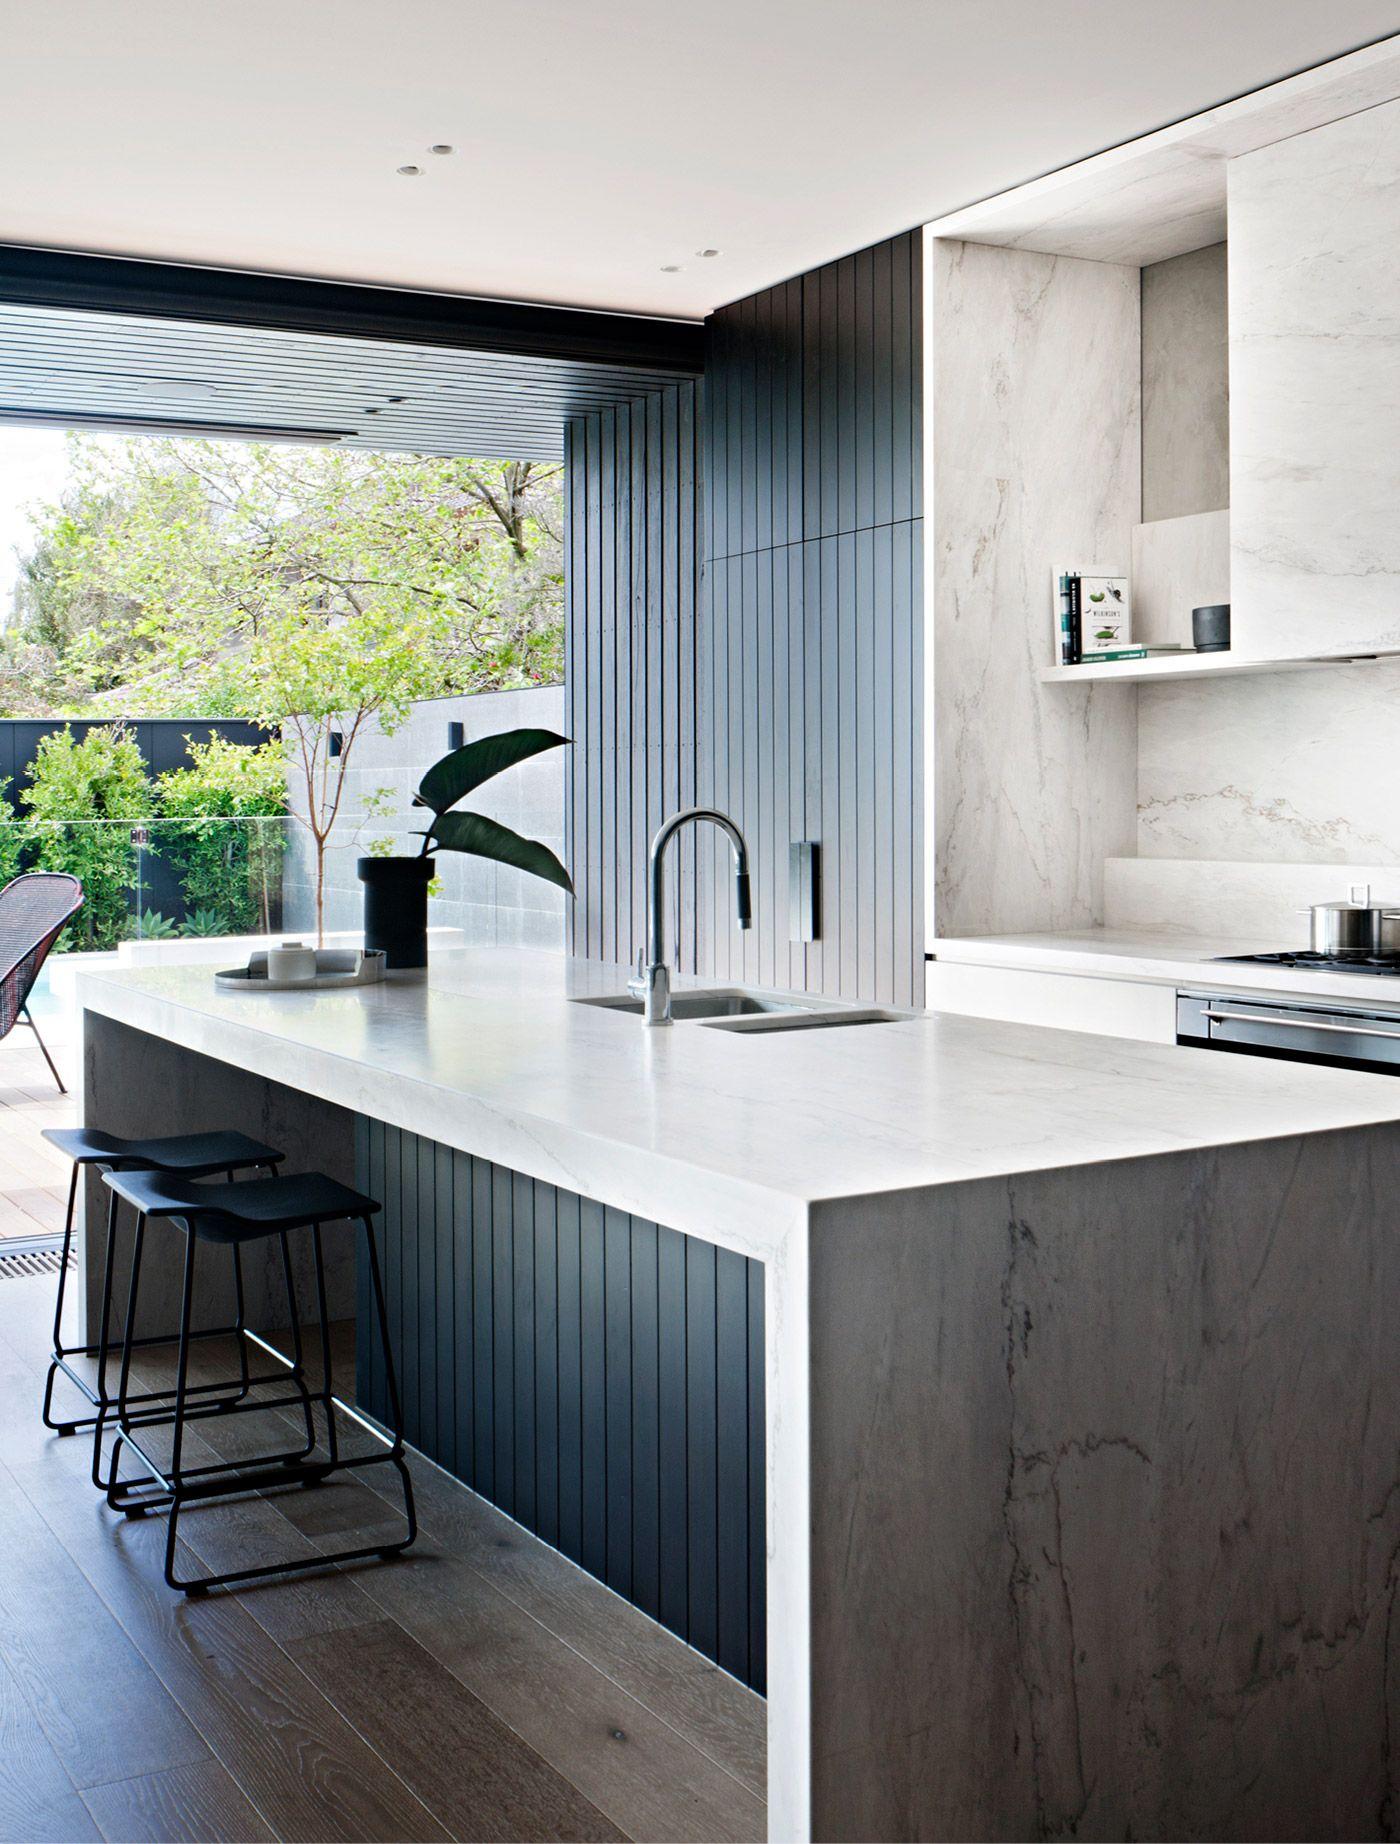 cocoon modern kitchen design inspiration bycocoon com interior design inox sta kitchen on kitchen ideas modern id=44342